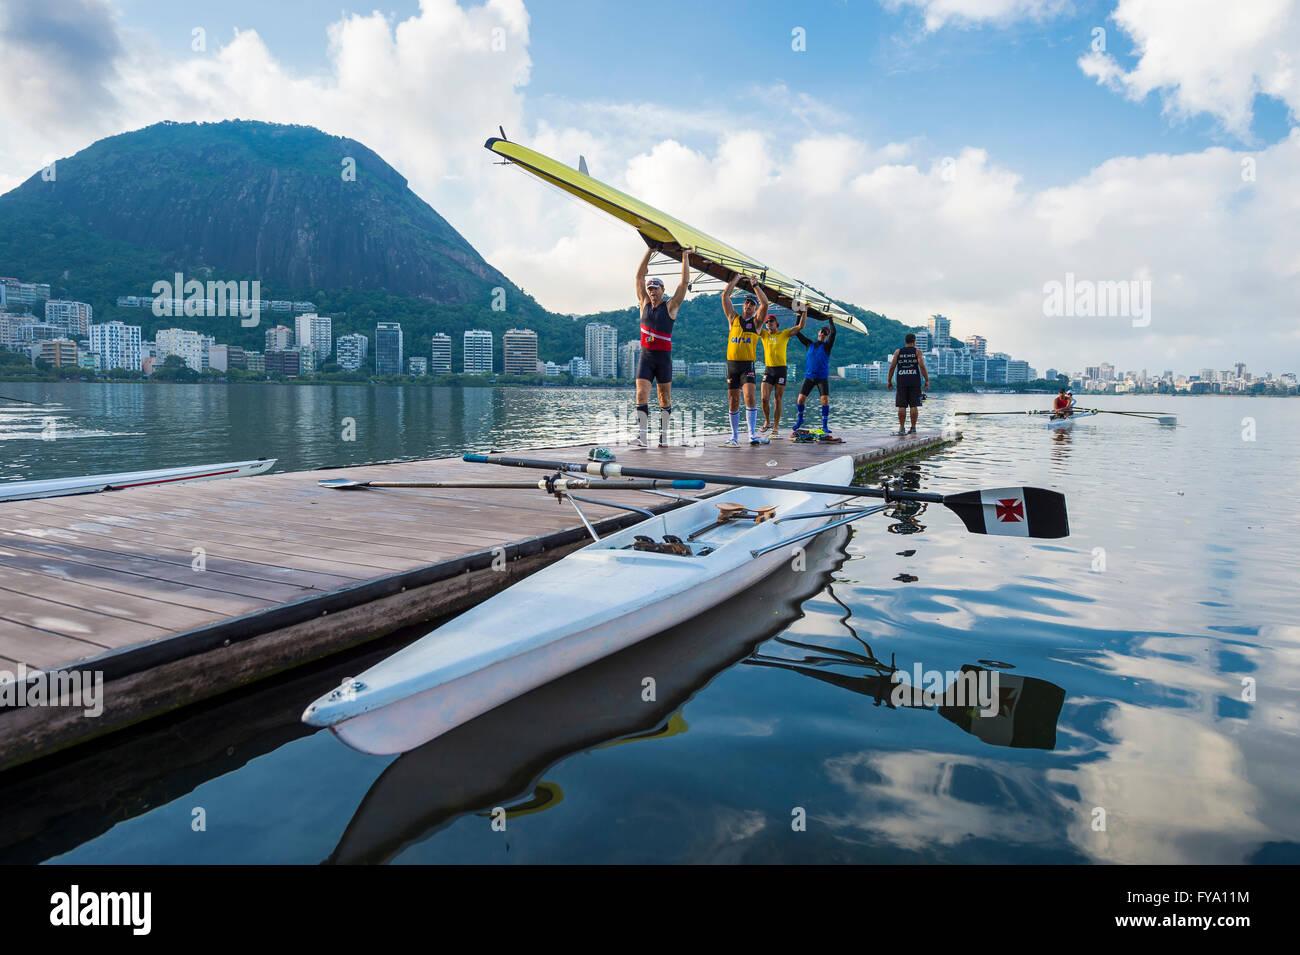 RIO DE JANEIRO - Aprile 1, 2016: Membri del Vasco da Gama rowing club portano la loro barca a Lagoa Rodrigo de Freitas. Immagini Stock